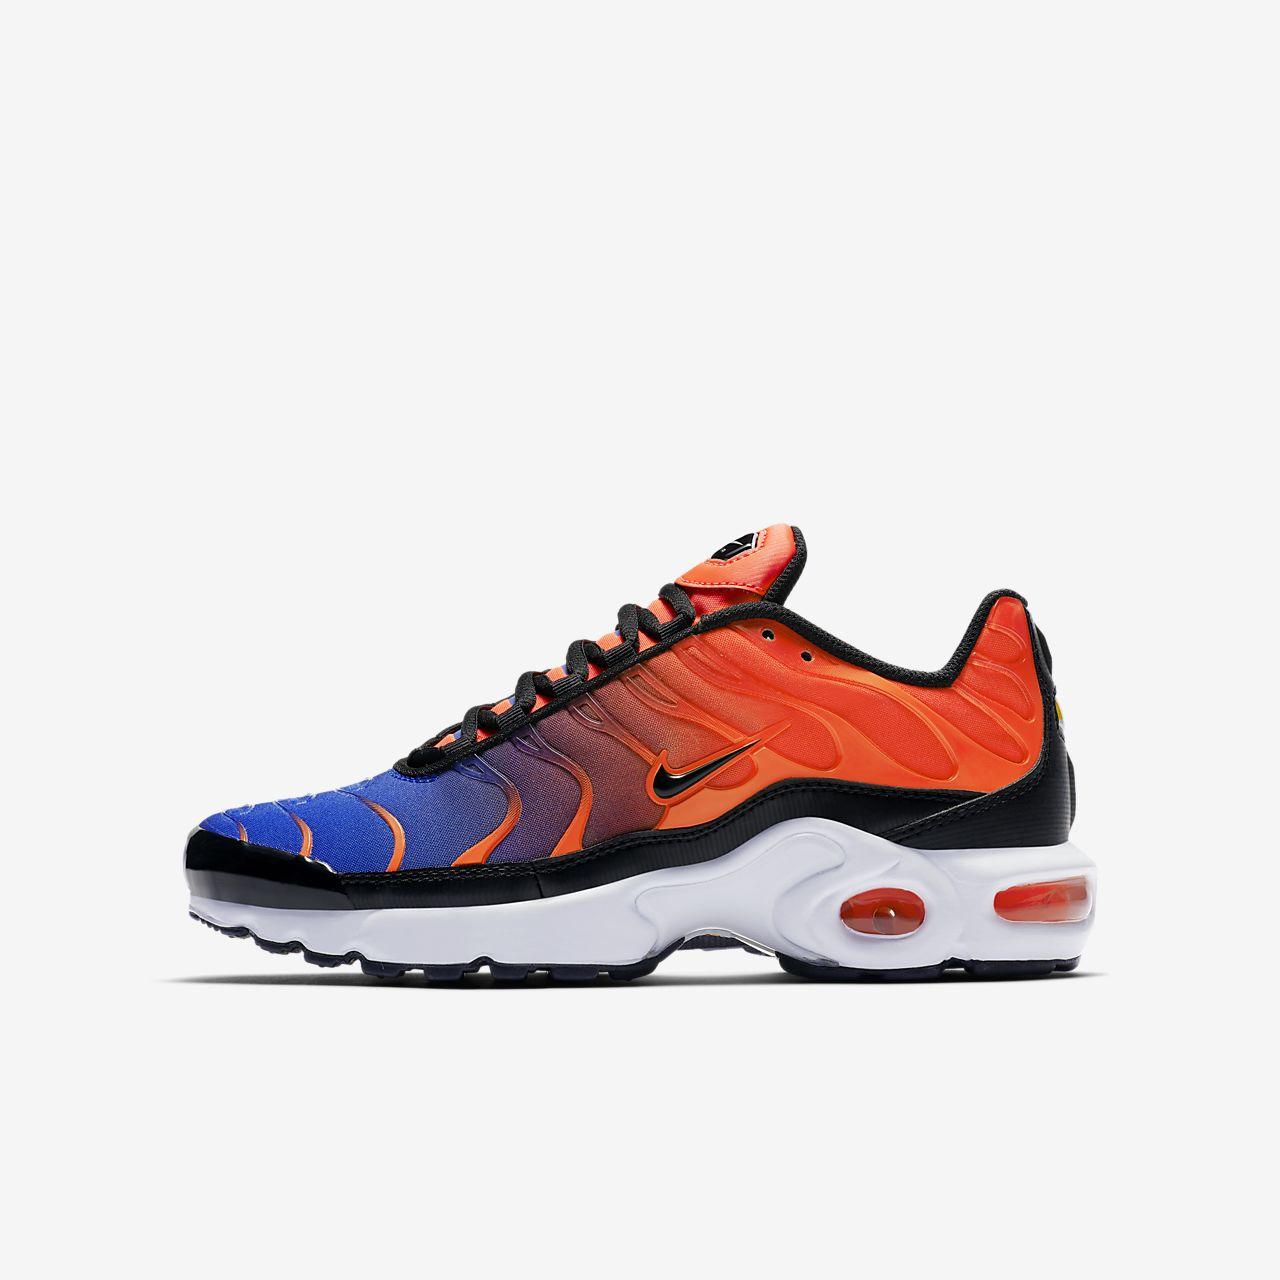 Nike Plus Tn Pour Max Chaussure EnfantgéCh Air Se W9EDHYe2I